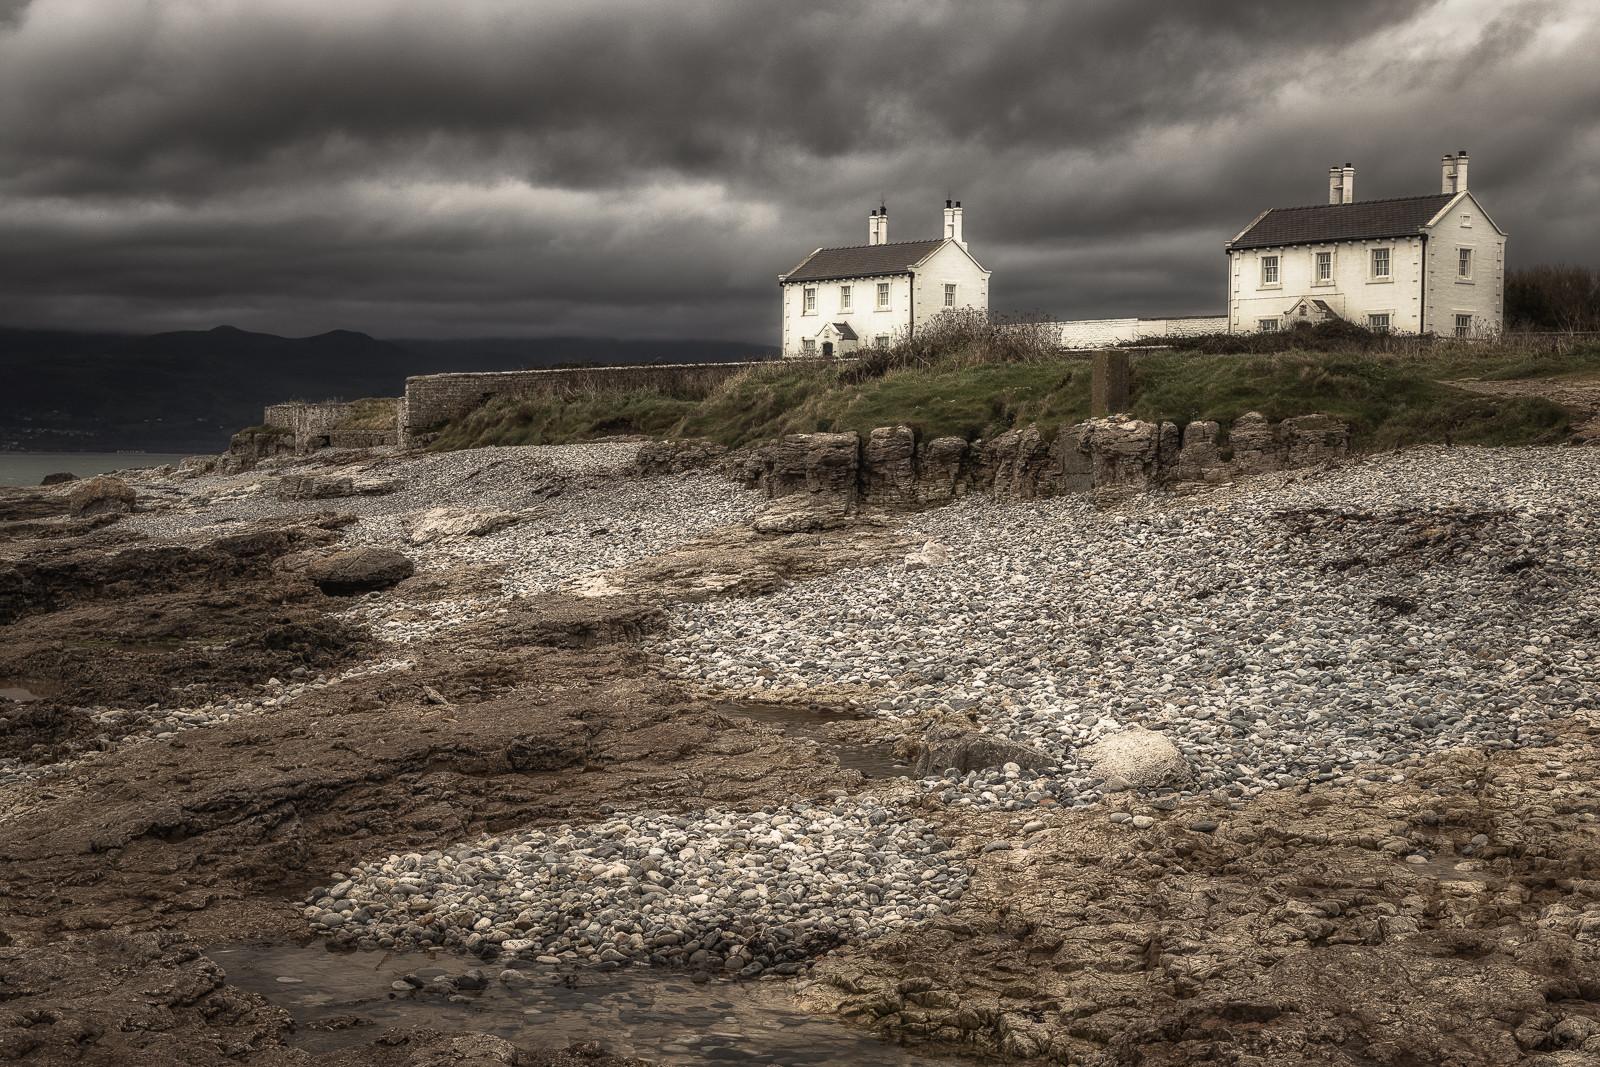 Coastguard Cottages Penmon